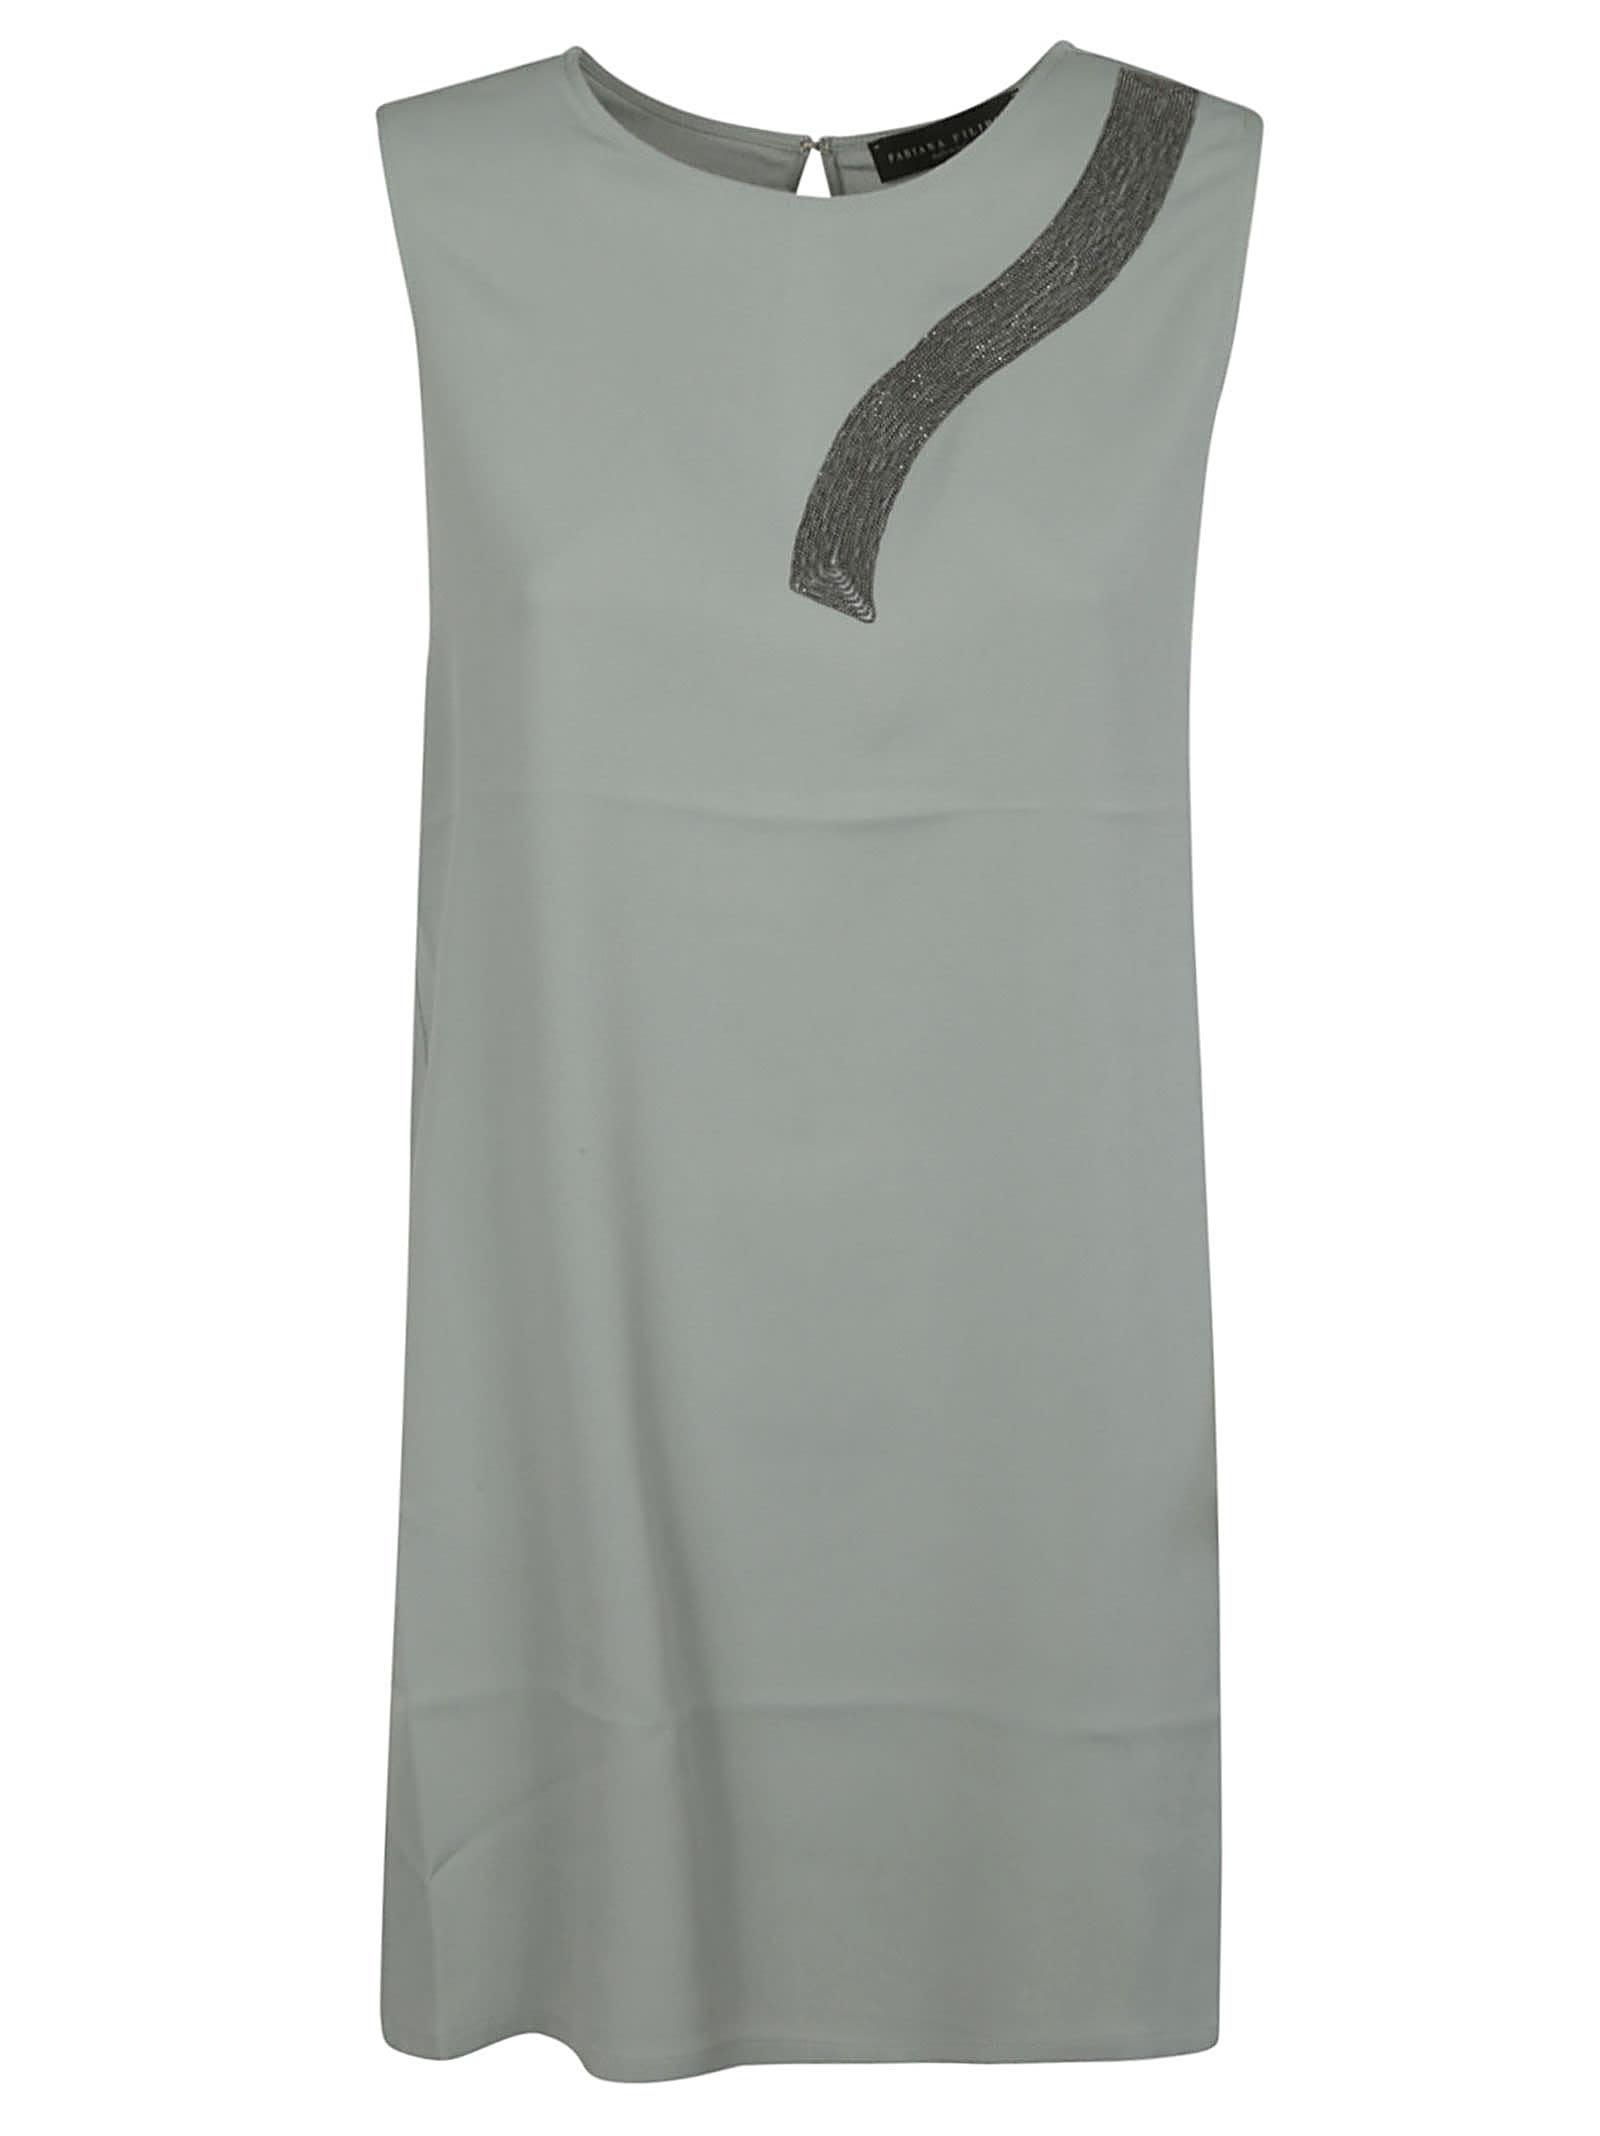 Fabiana Filippi Back Hook Lock Sleeveless Dress